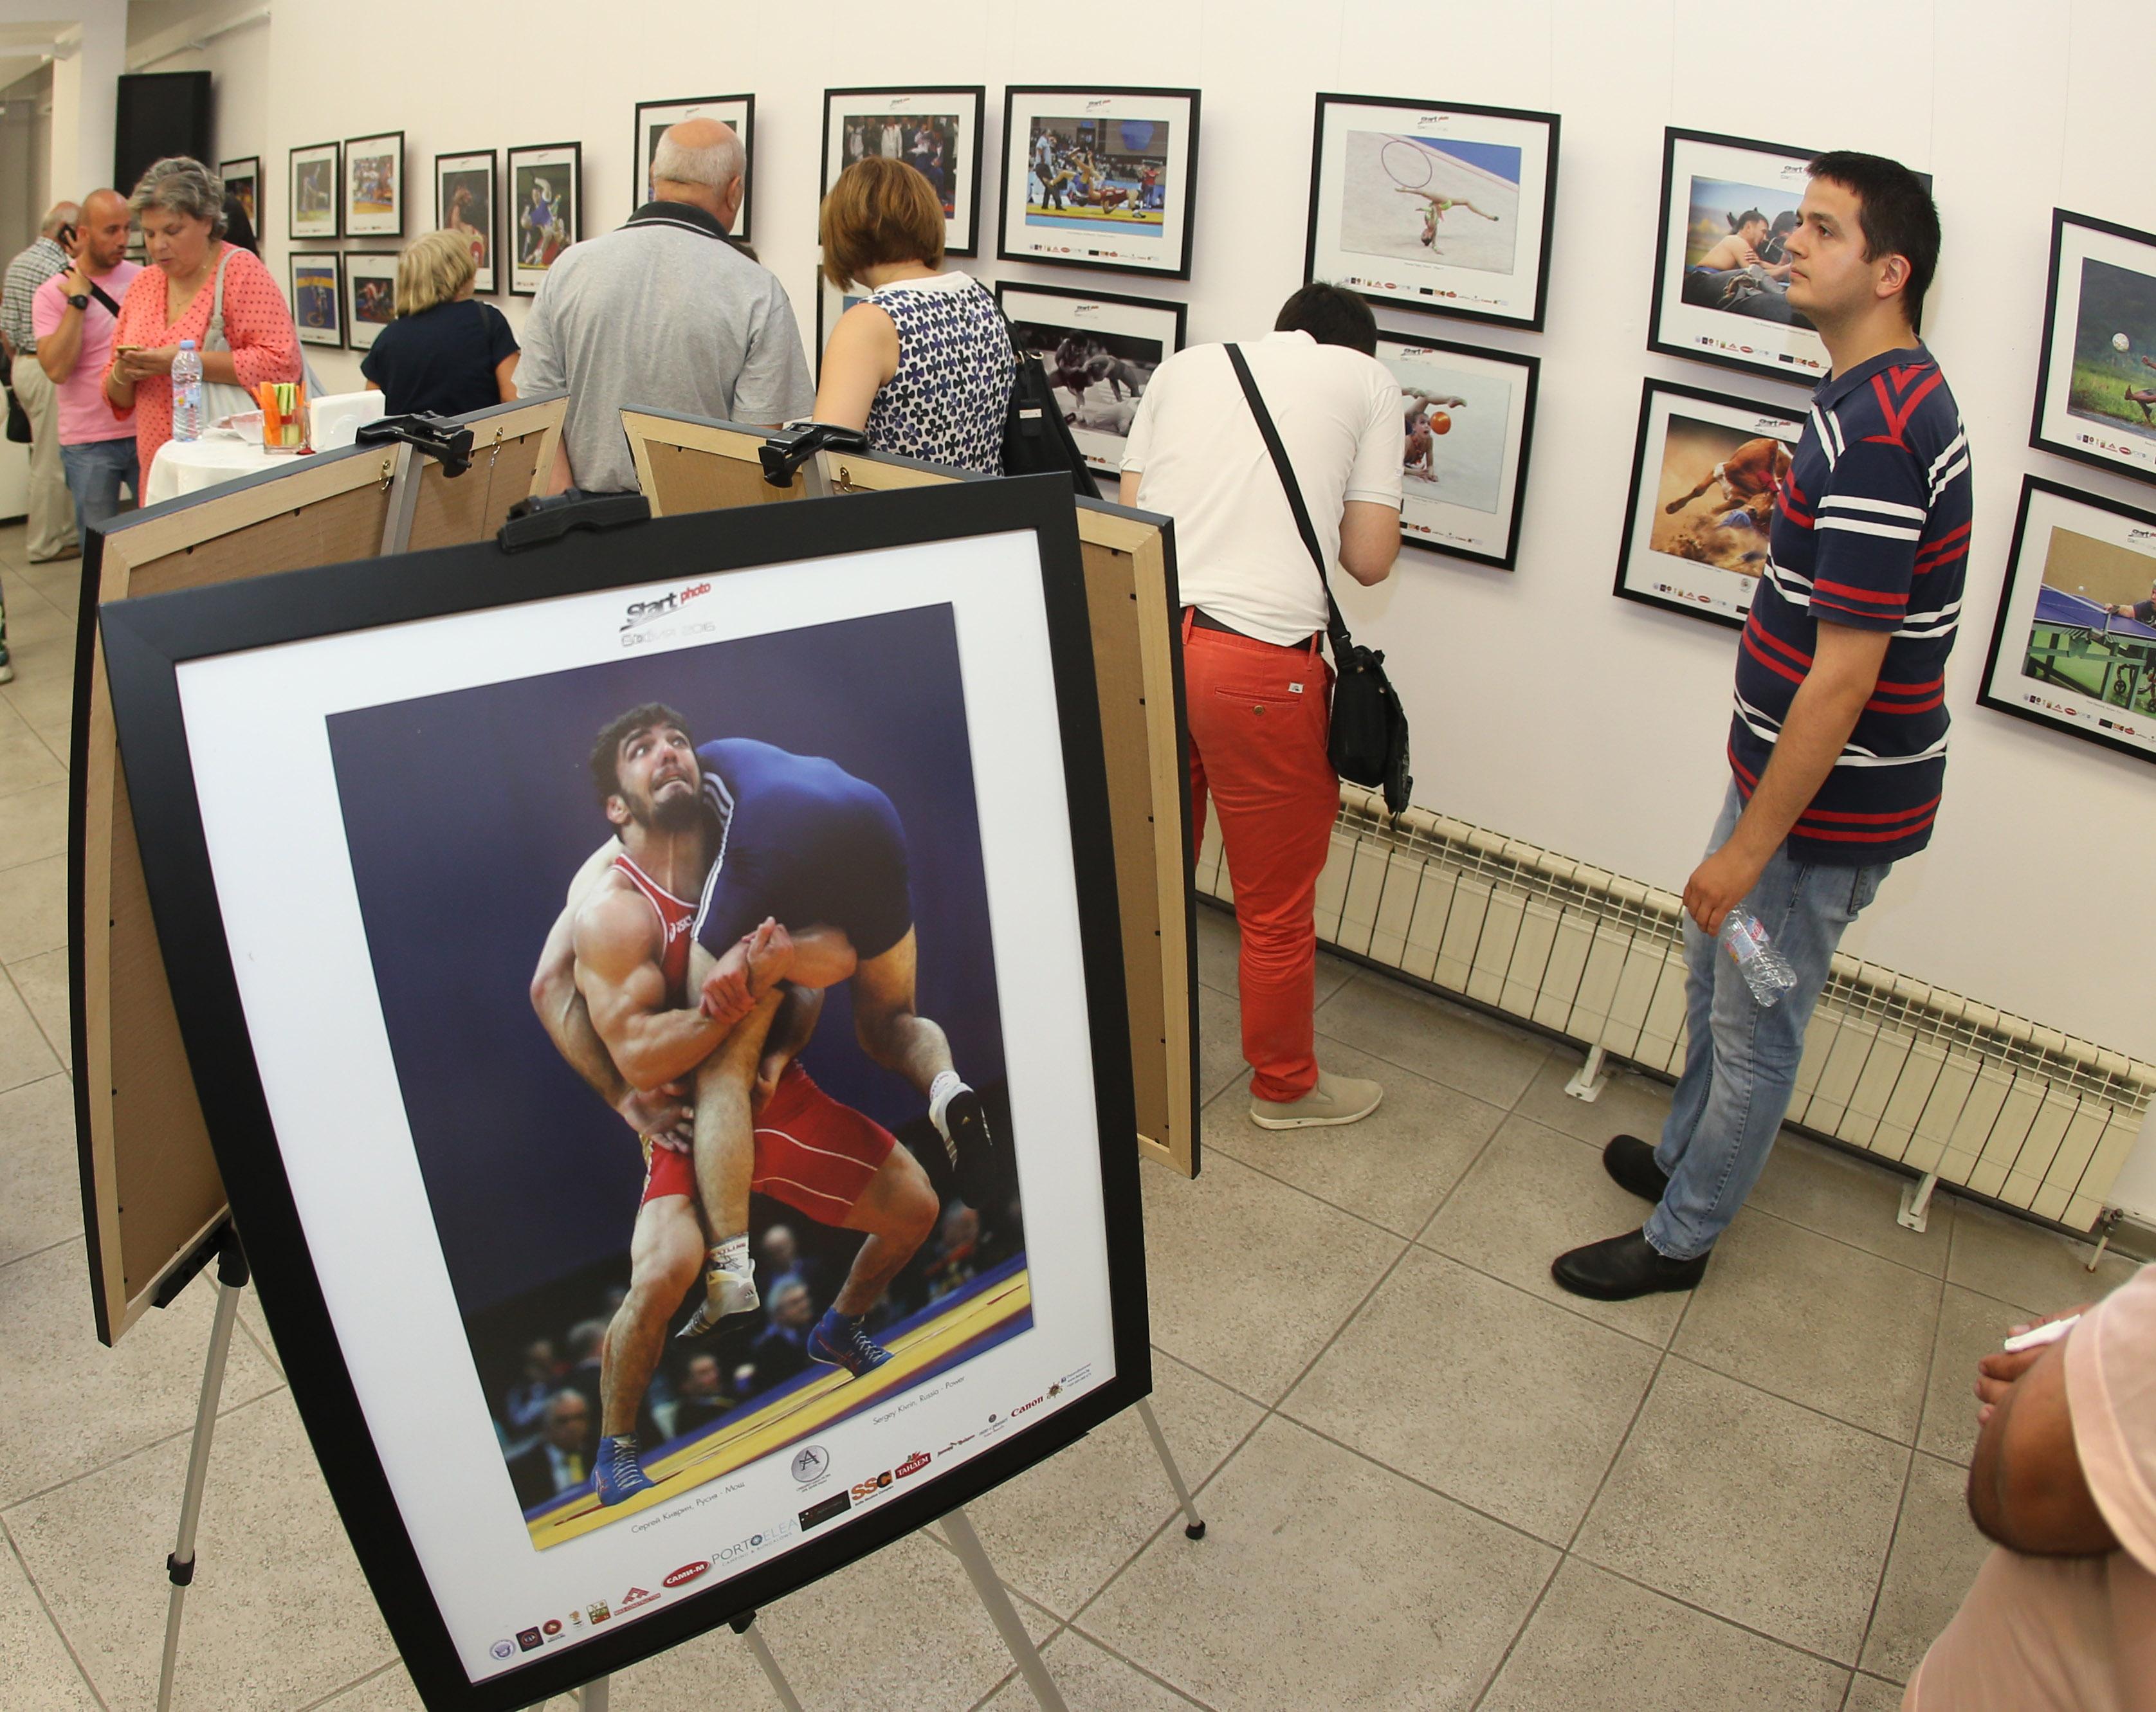 Борцовите снимки обраха наградите на изложба в София